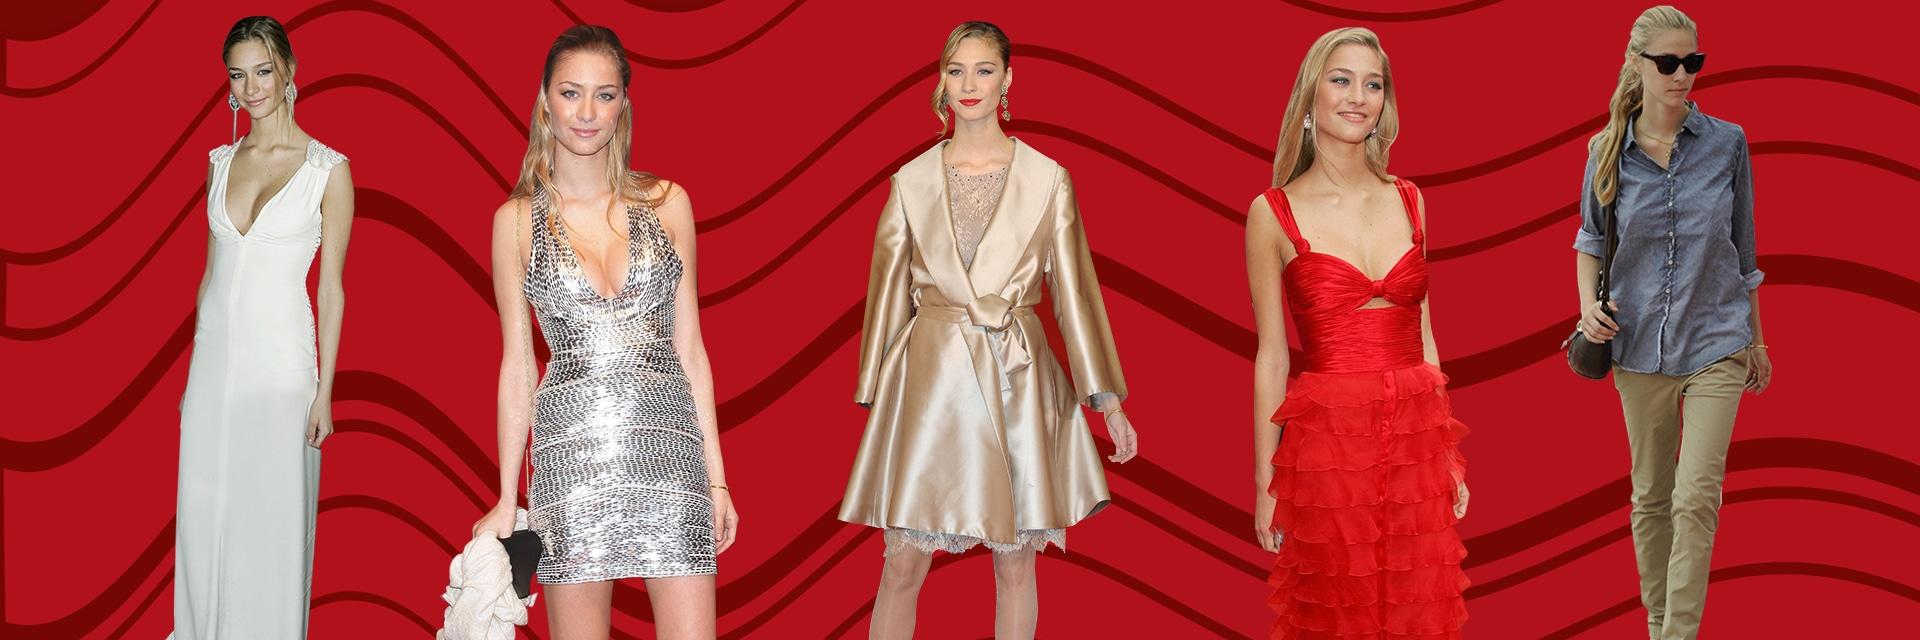 Beatrice Borromeo: lo stile della nuova stella di Monaco